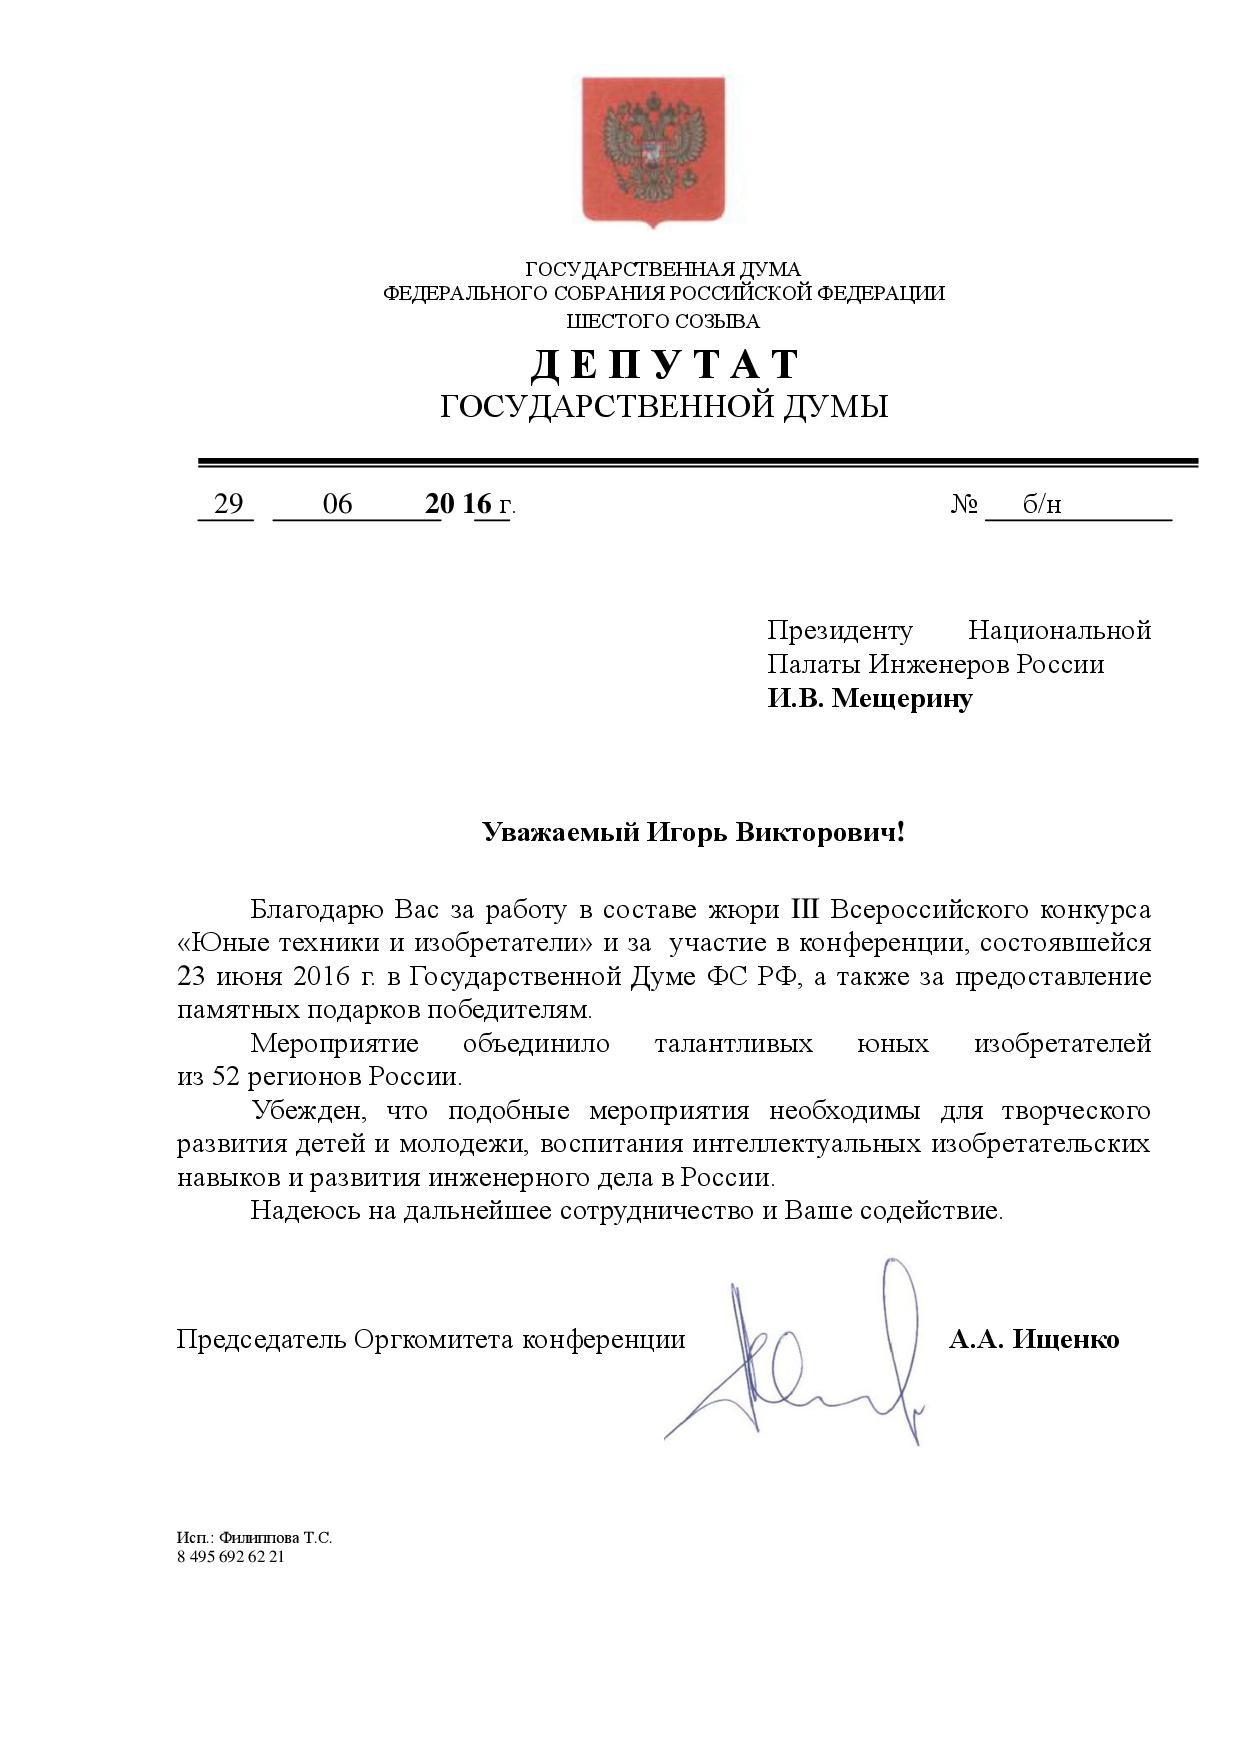 благодарственное письмо депутату государственной думы